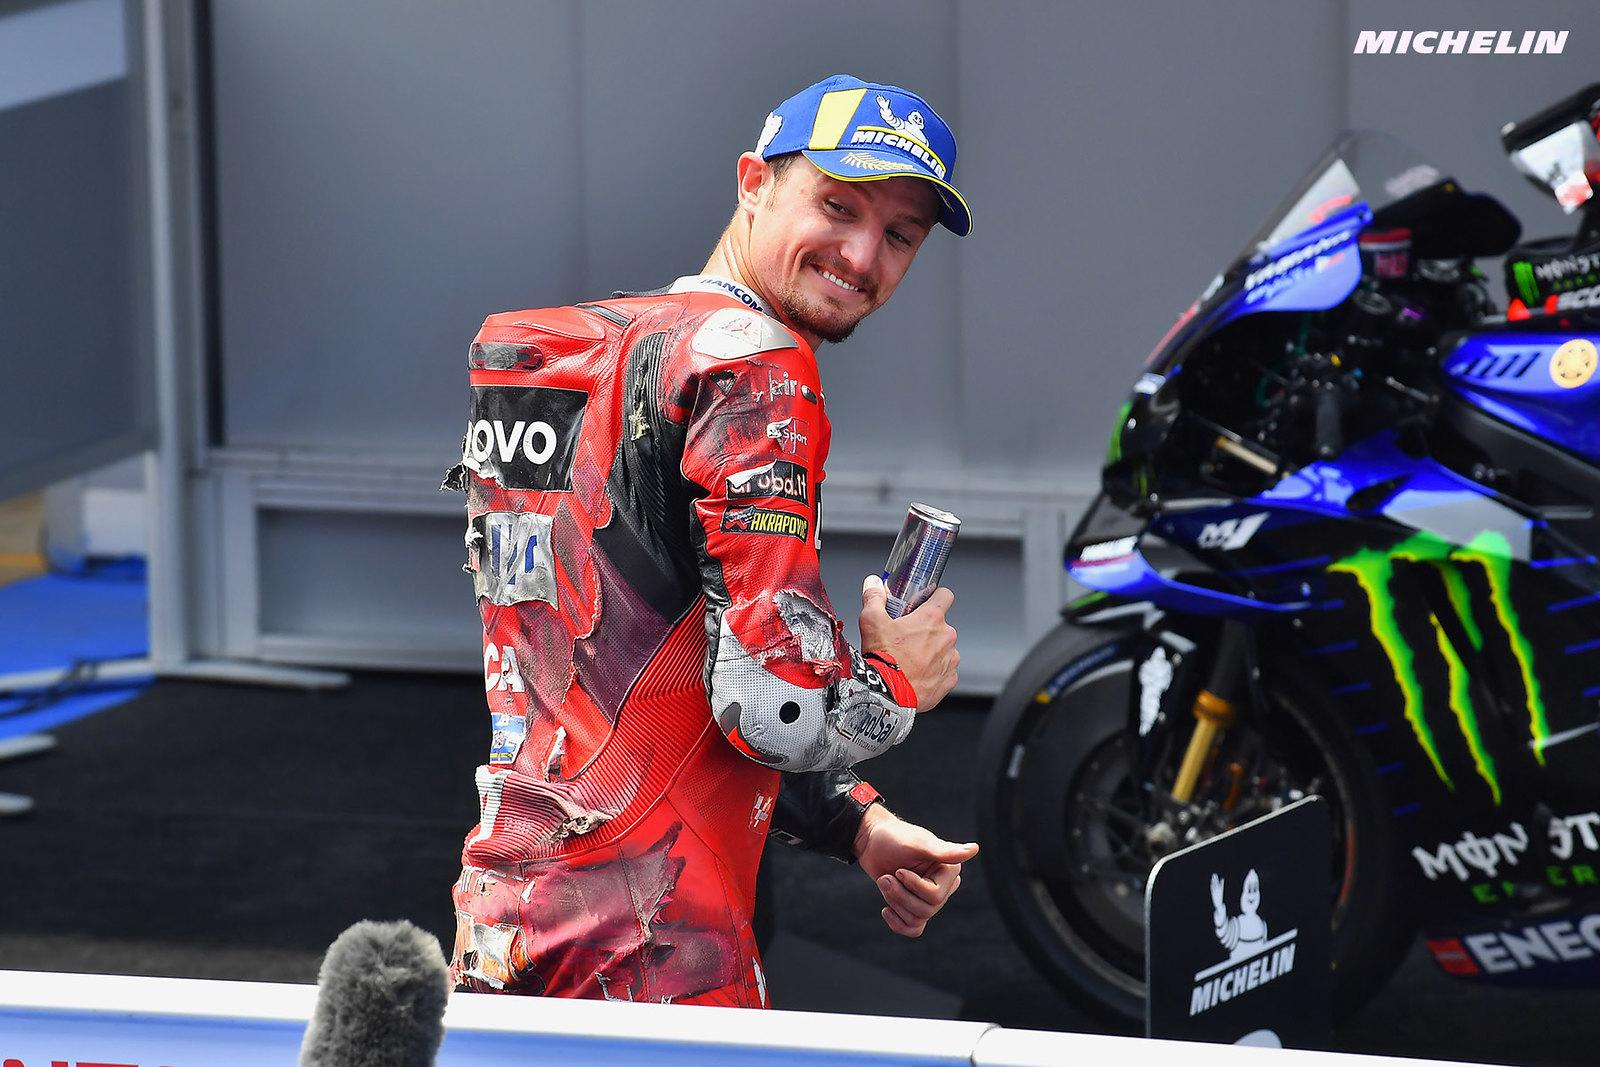 カタルーニャGP 予選2位 ジャック・ミラー「どのタイヤであってもレースに問題ない」